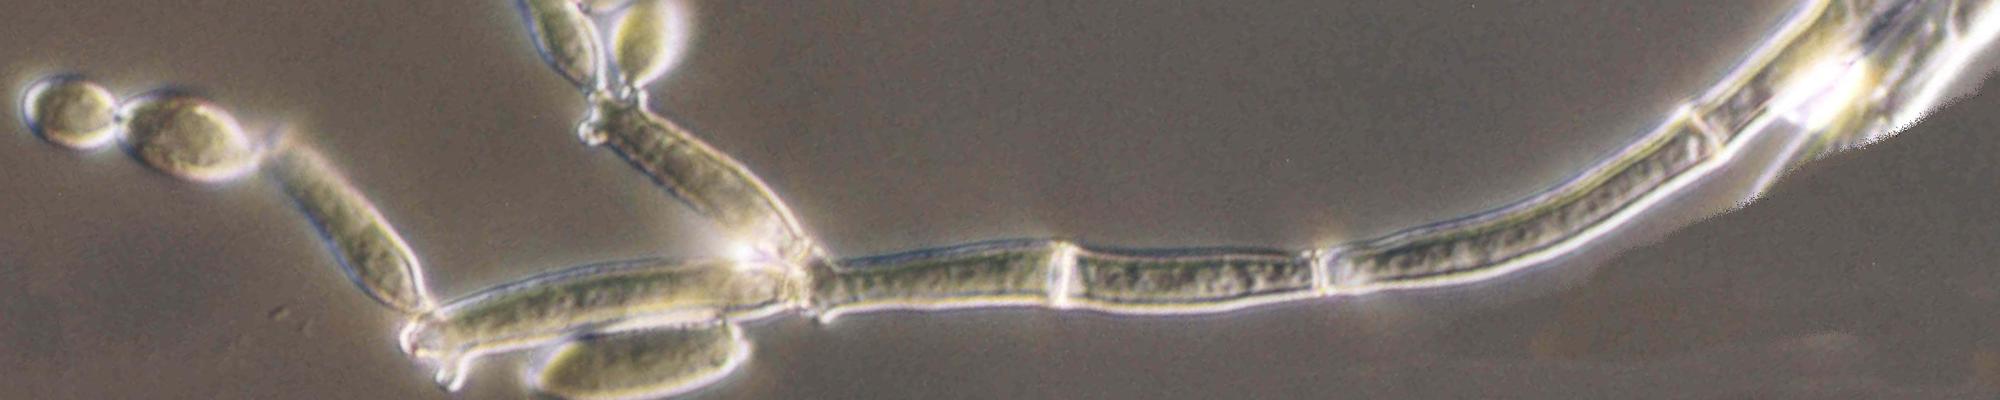 Cladosporium - MicroBioSpain